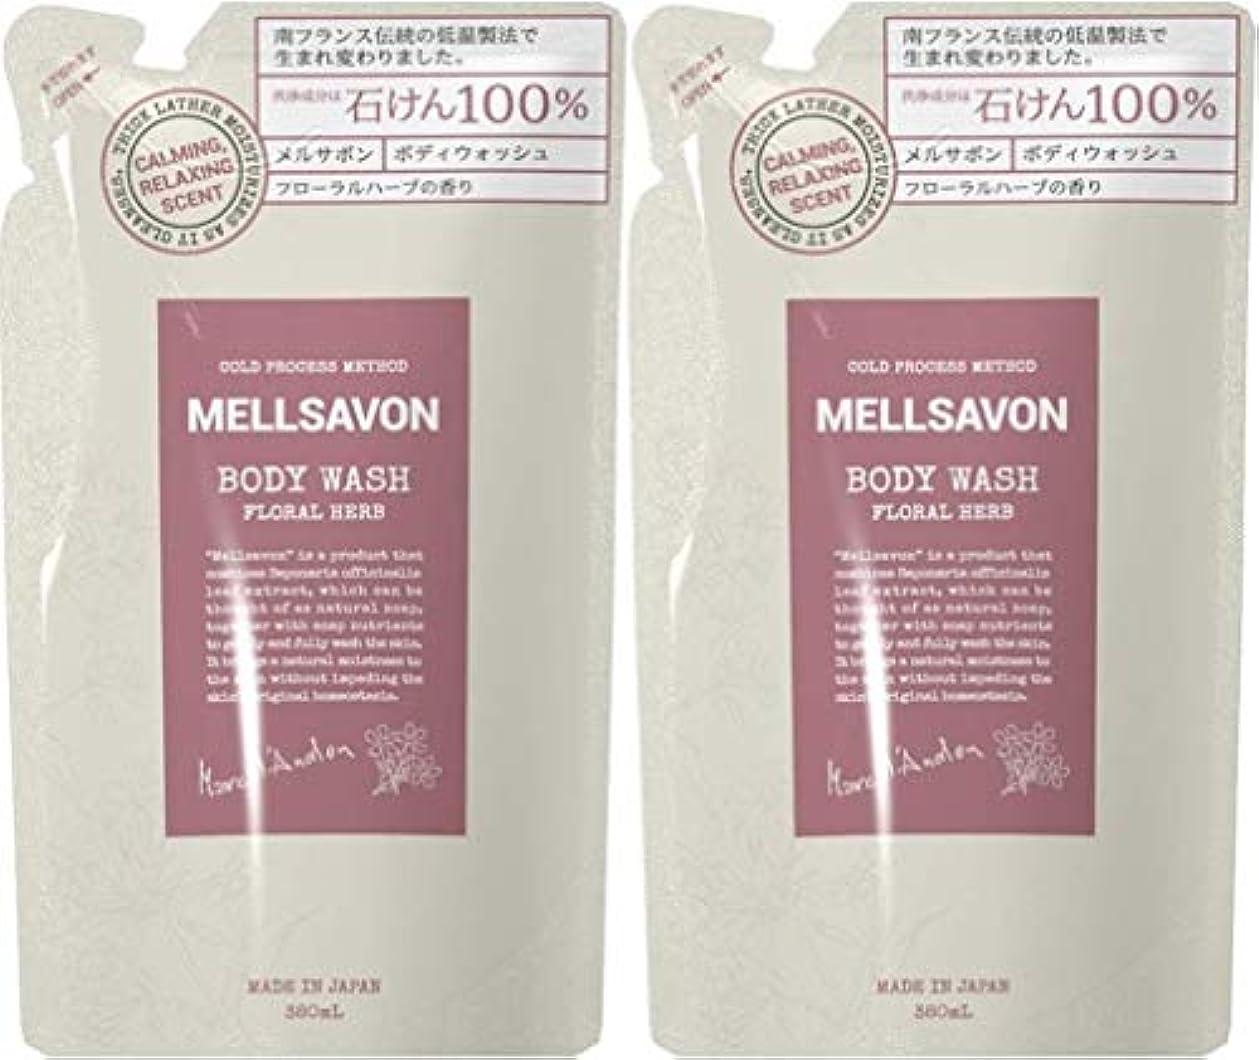 【2個セット】MELLSAVON(メルサボン) ボディウォッシュ フローラルハーブ 〈詰替〉 (380mL)